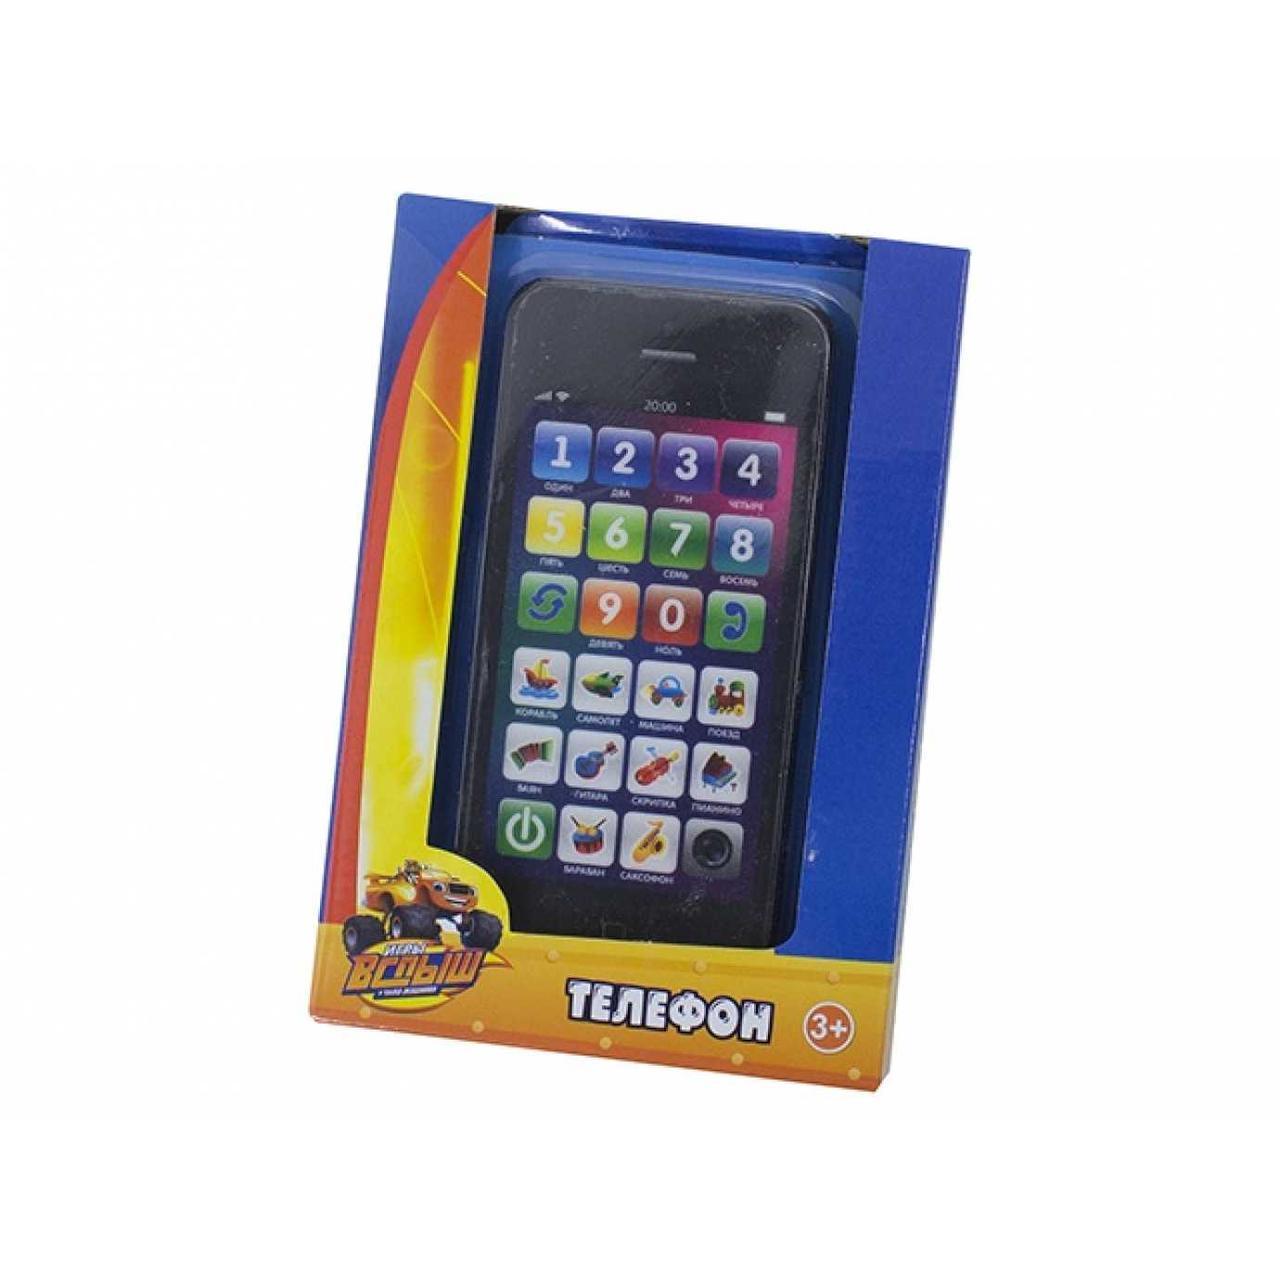 Телефон 7376 смартфон, навчає (цифри, транспорт, музичний інструмент) звук (російською), в коробці 16,5х8,5см